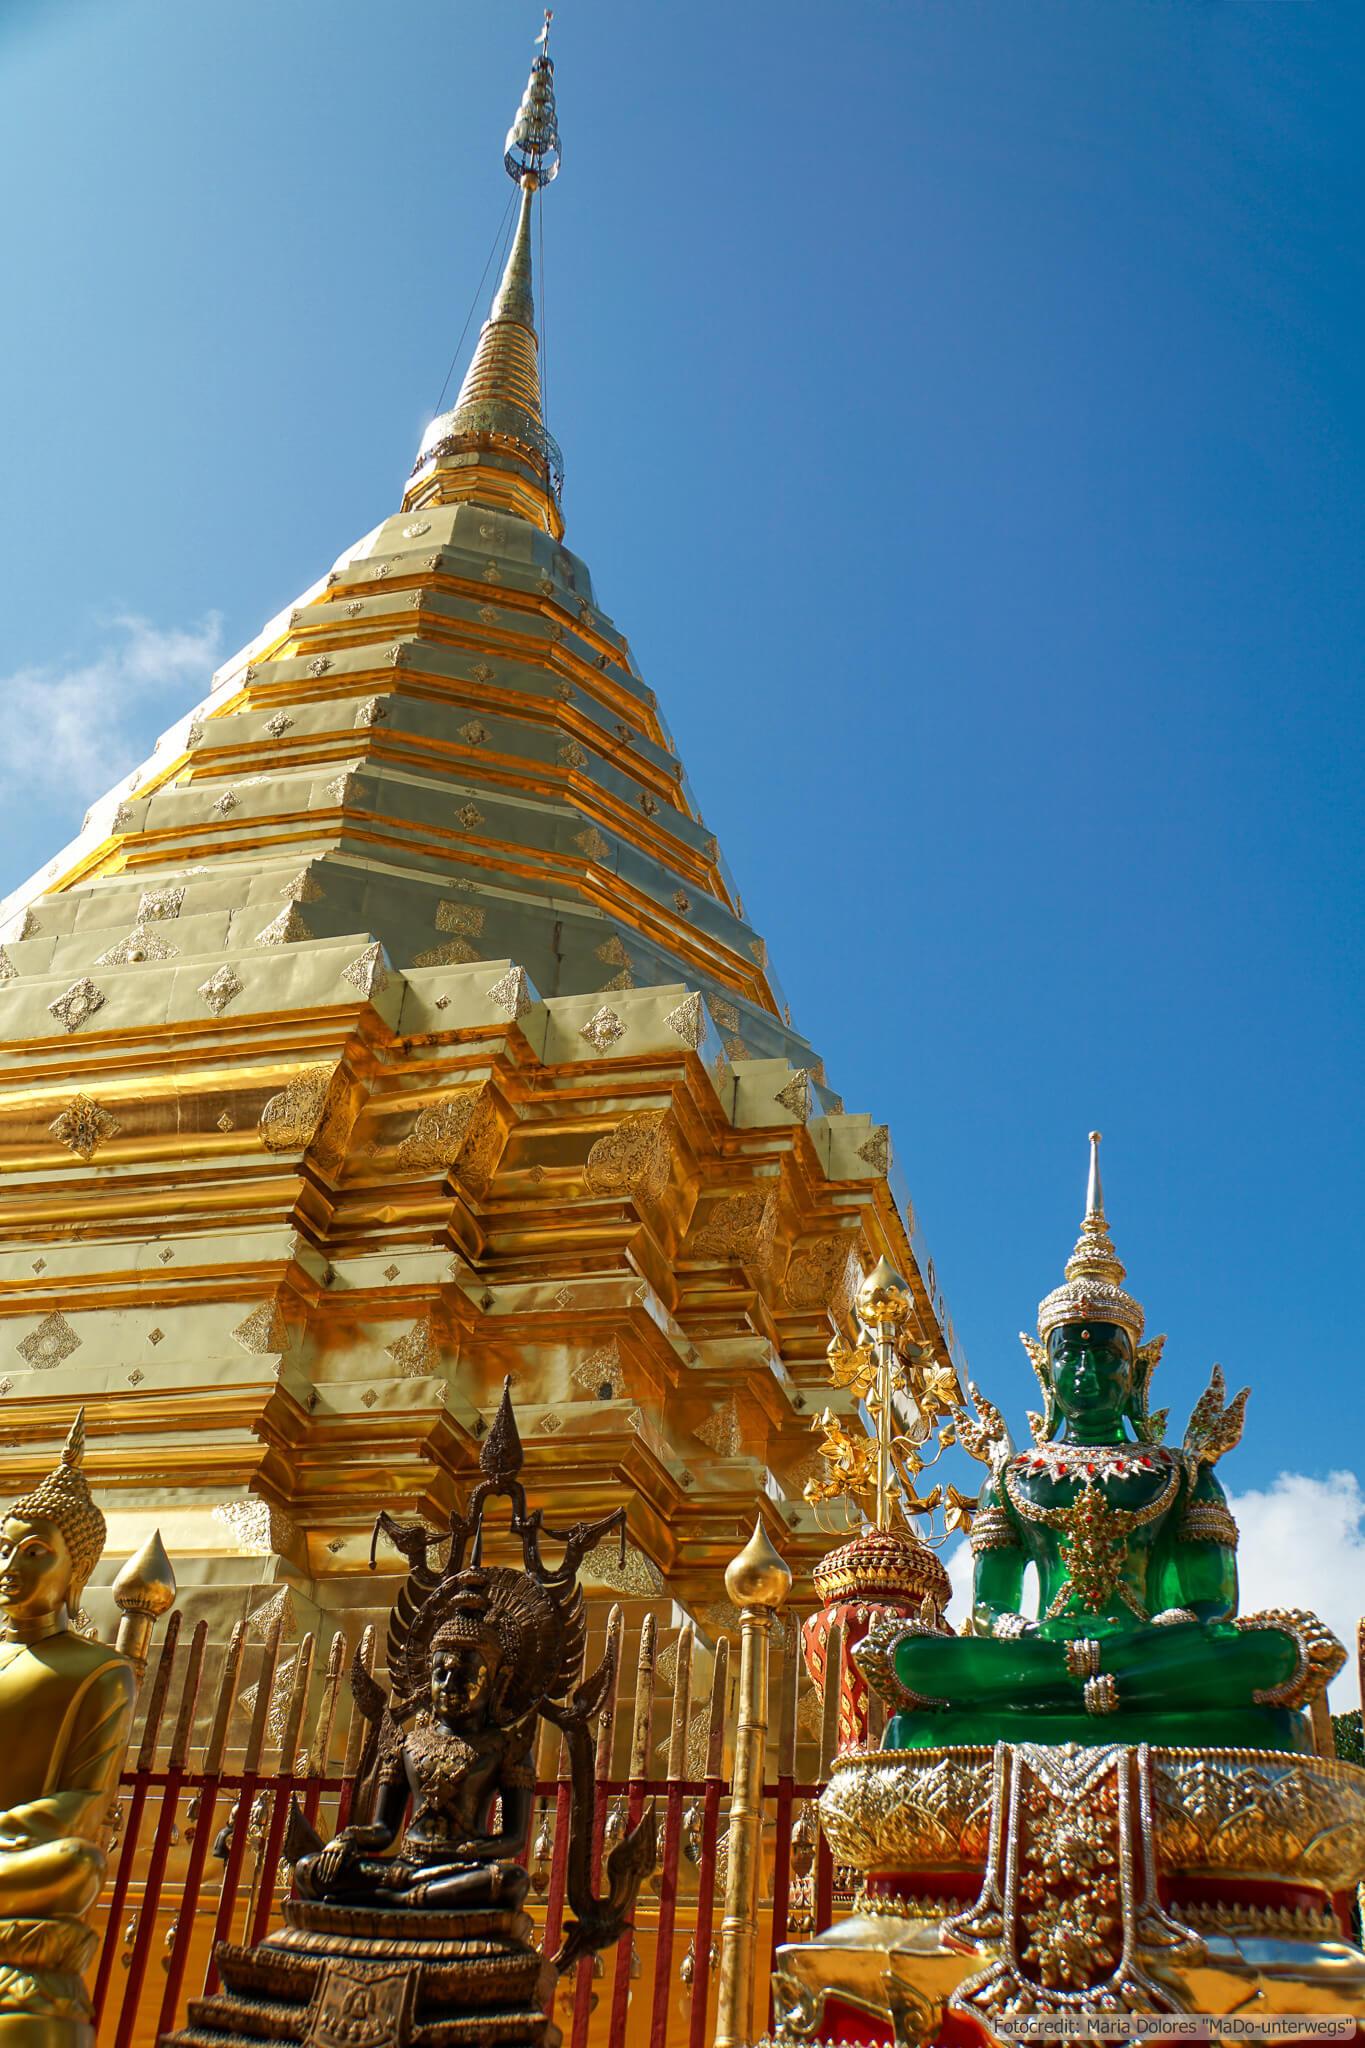 Wat Phra That Doi Suthep bei Chiang Mai: Chedi (Reisetagebuch «Thailand als Alleinreisende ohne Roller entdecken»)